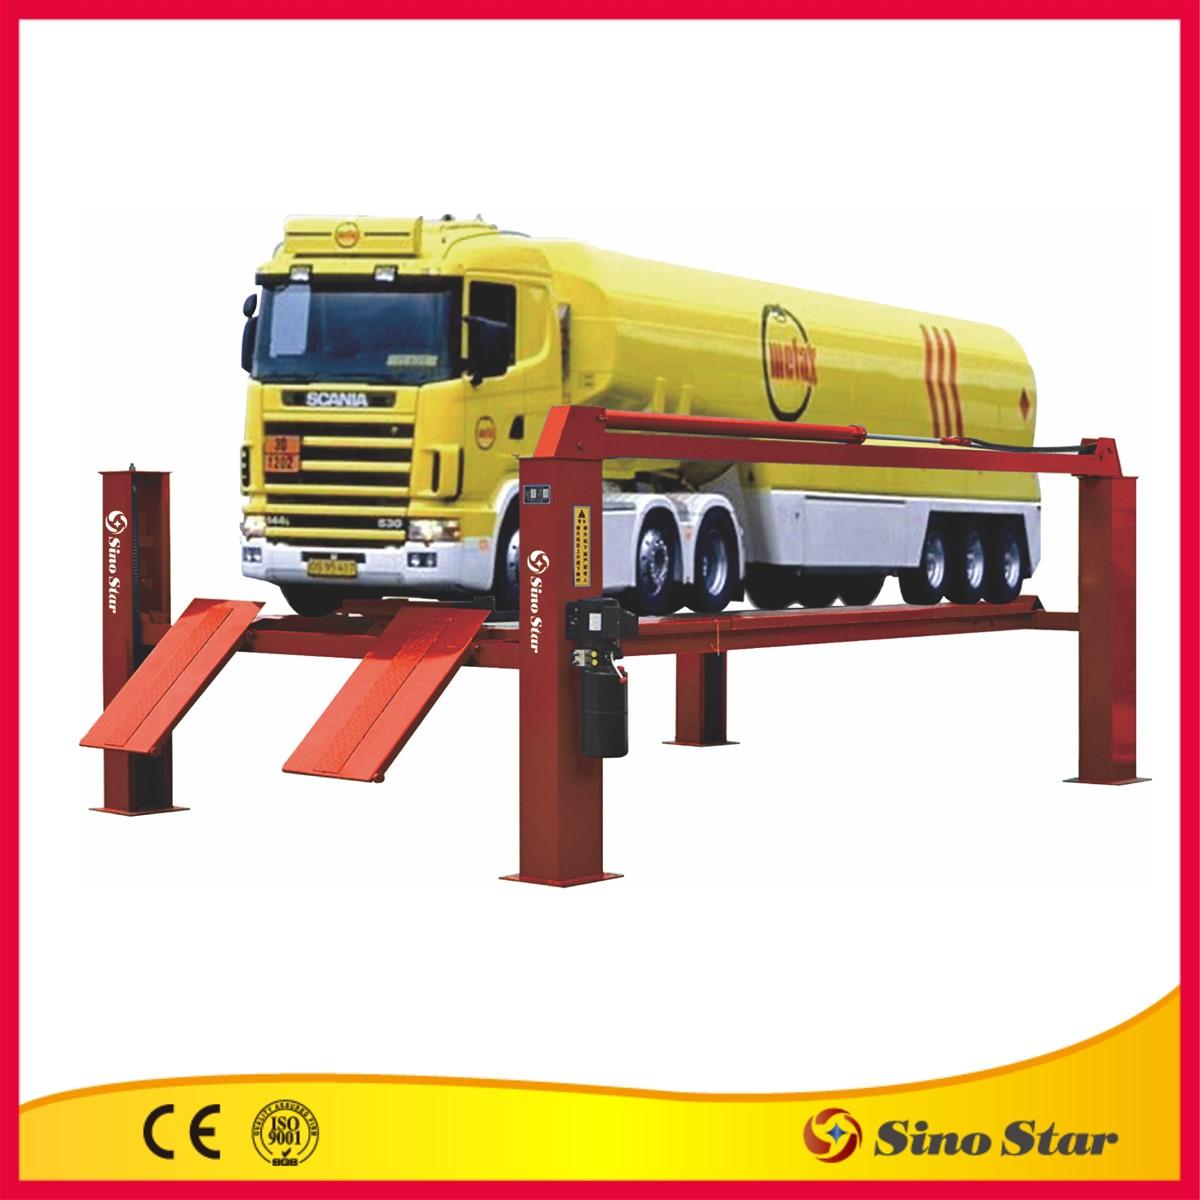 Hydraulic Car Lift >> Heavy Duty Bus Lift Hydraulic Car Lift Ss Jy12